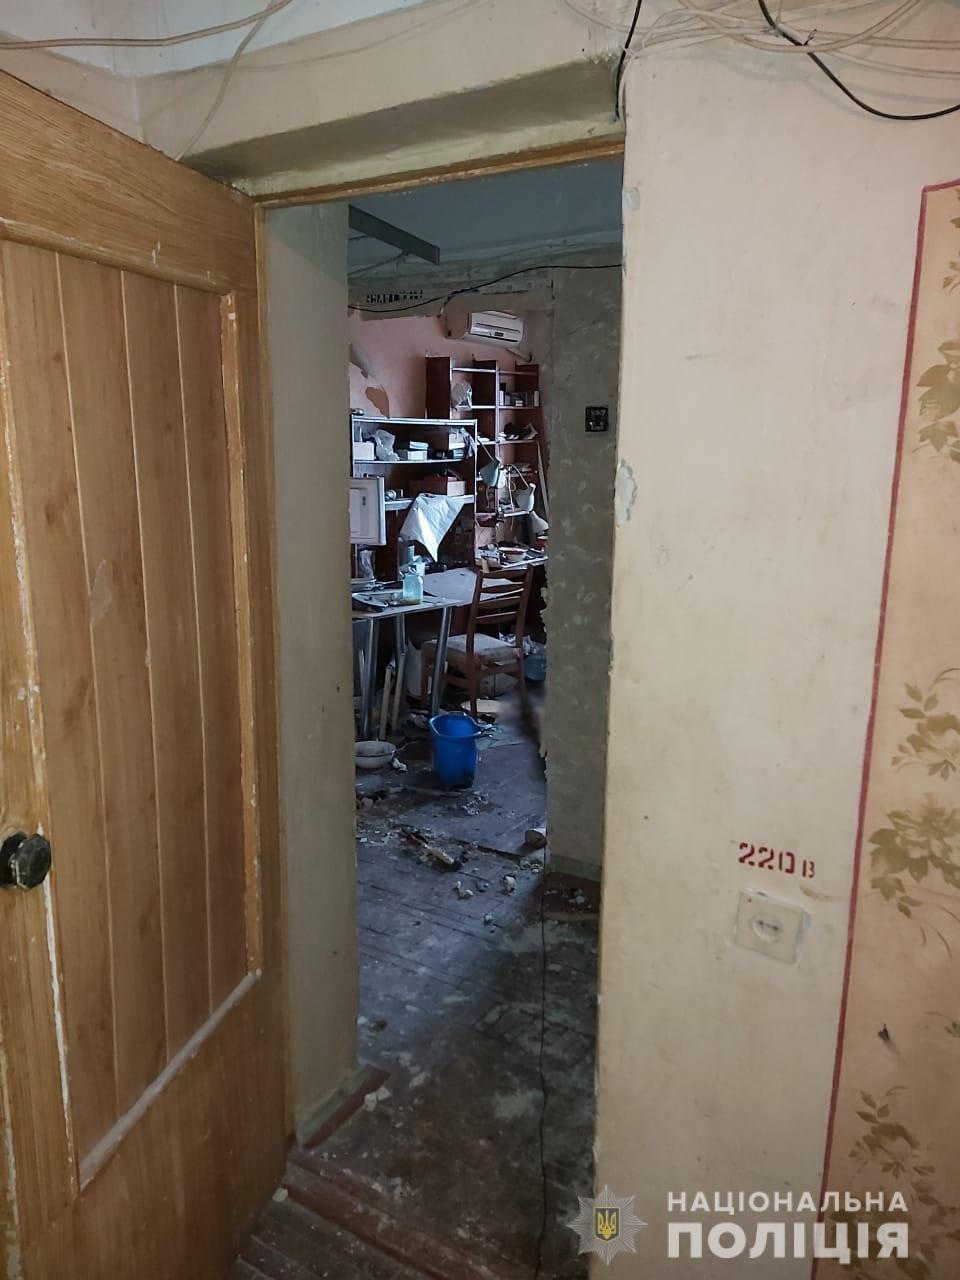 Оторвало руку и ногу: в Харькове мужчина сам себя подорвал в квартире, - ФОТО, фото-1